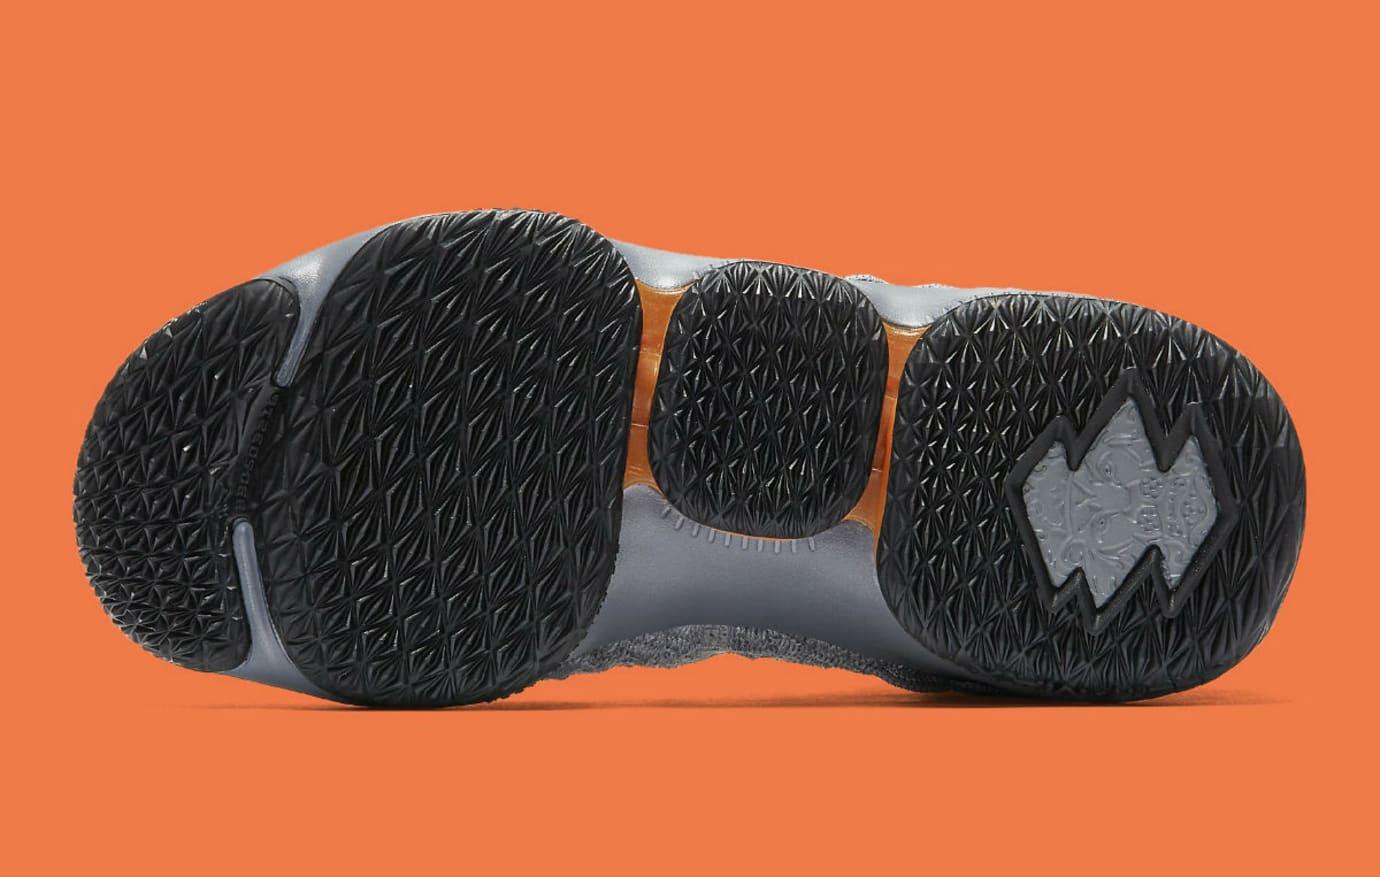 best service 8bd98 d4a03 Nike LeBron 15 GS Black Safety Orange Dark Grey Wolf Grey ...